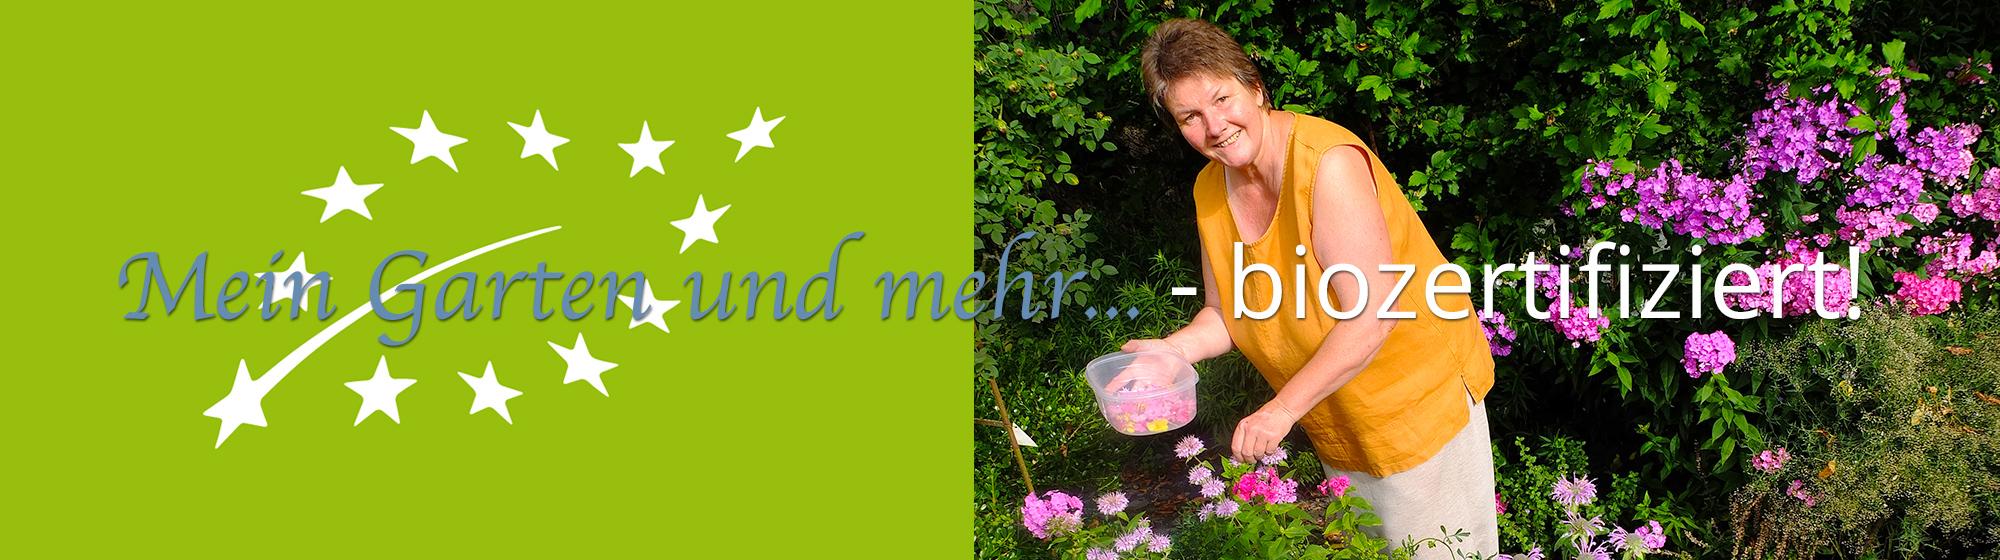 Mein Garten und mehr... - biozertifiziert!